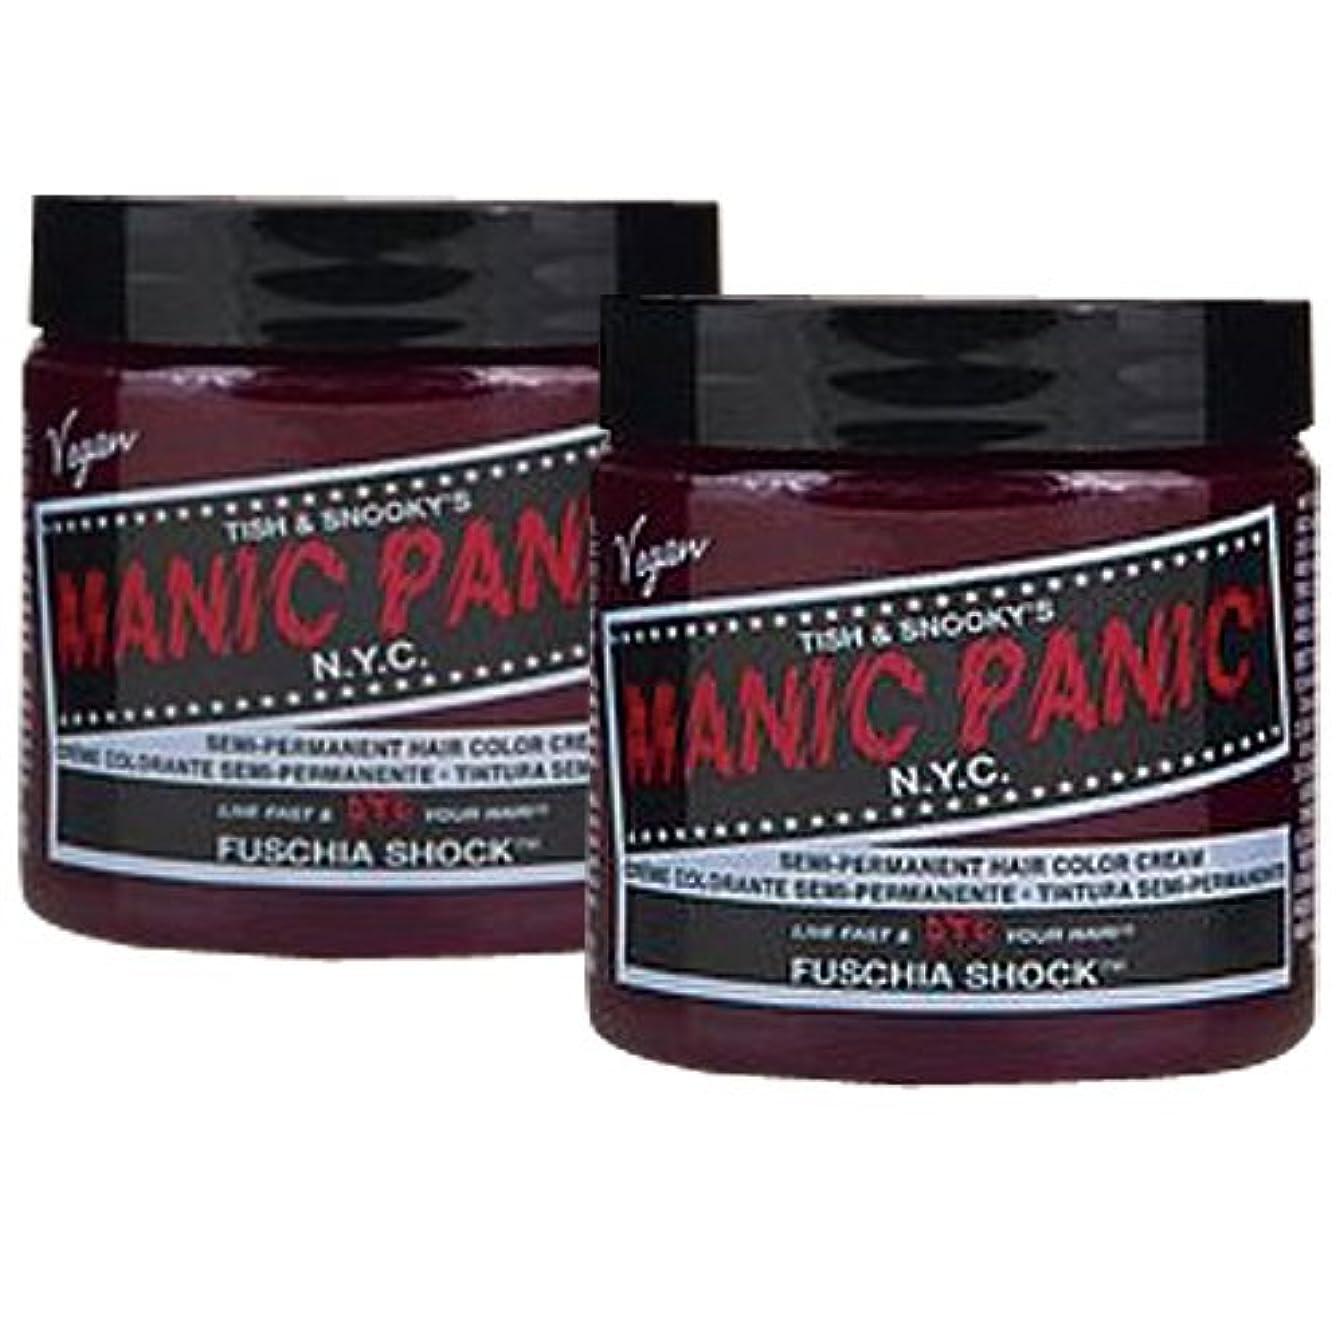 結婚なかなかハウス【2個セット】MANIC PANIC マニックパニック Fuschia Shock フューシャショック 118m